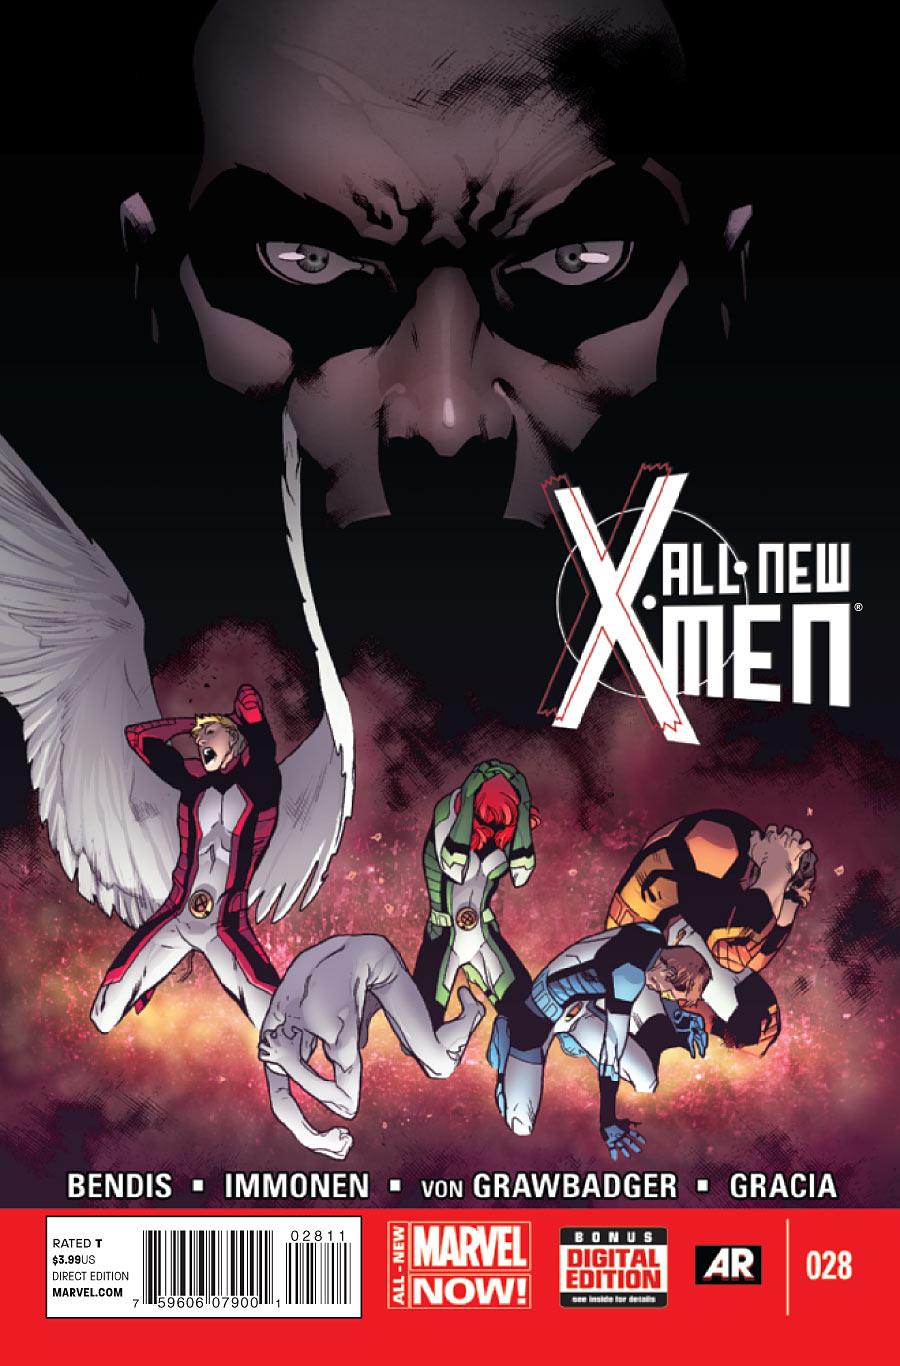 All-New X-Men #28